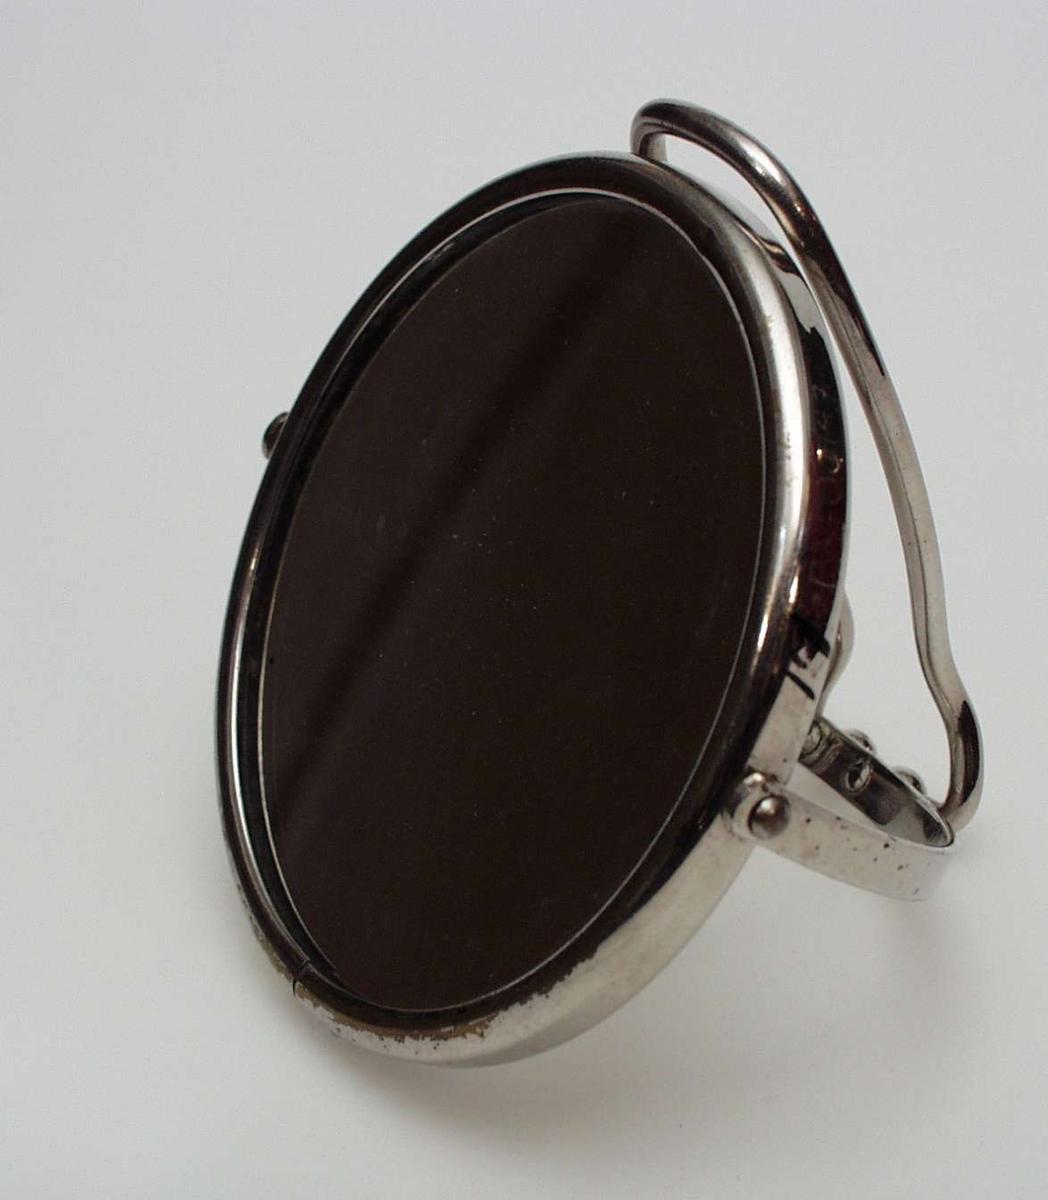 Rundt speil med dreibart skaft i metall som kan foldes sammen. Innramming i metall.  Den ene siden har et vanlig speil, den andre forstørrer.